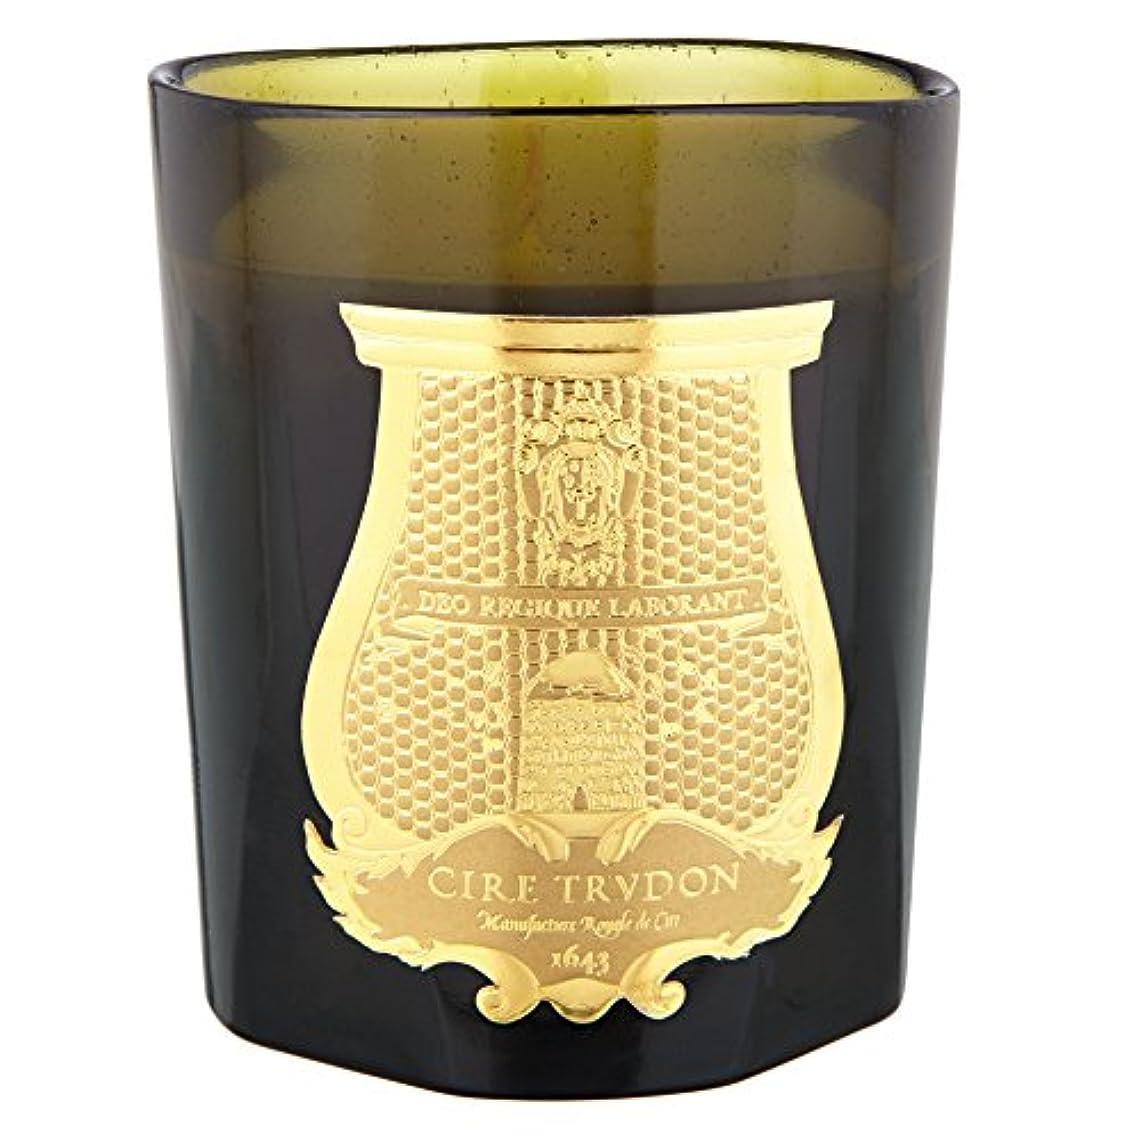 極貧ゼリー動力学CireのTrudonのトリアノン香りのキャンドル (Cire Trudon) - Cire Trudon Trianon Scented Candle [並行輸入品]